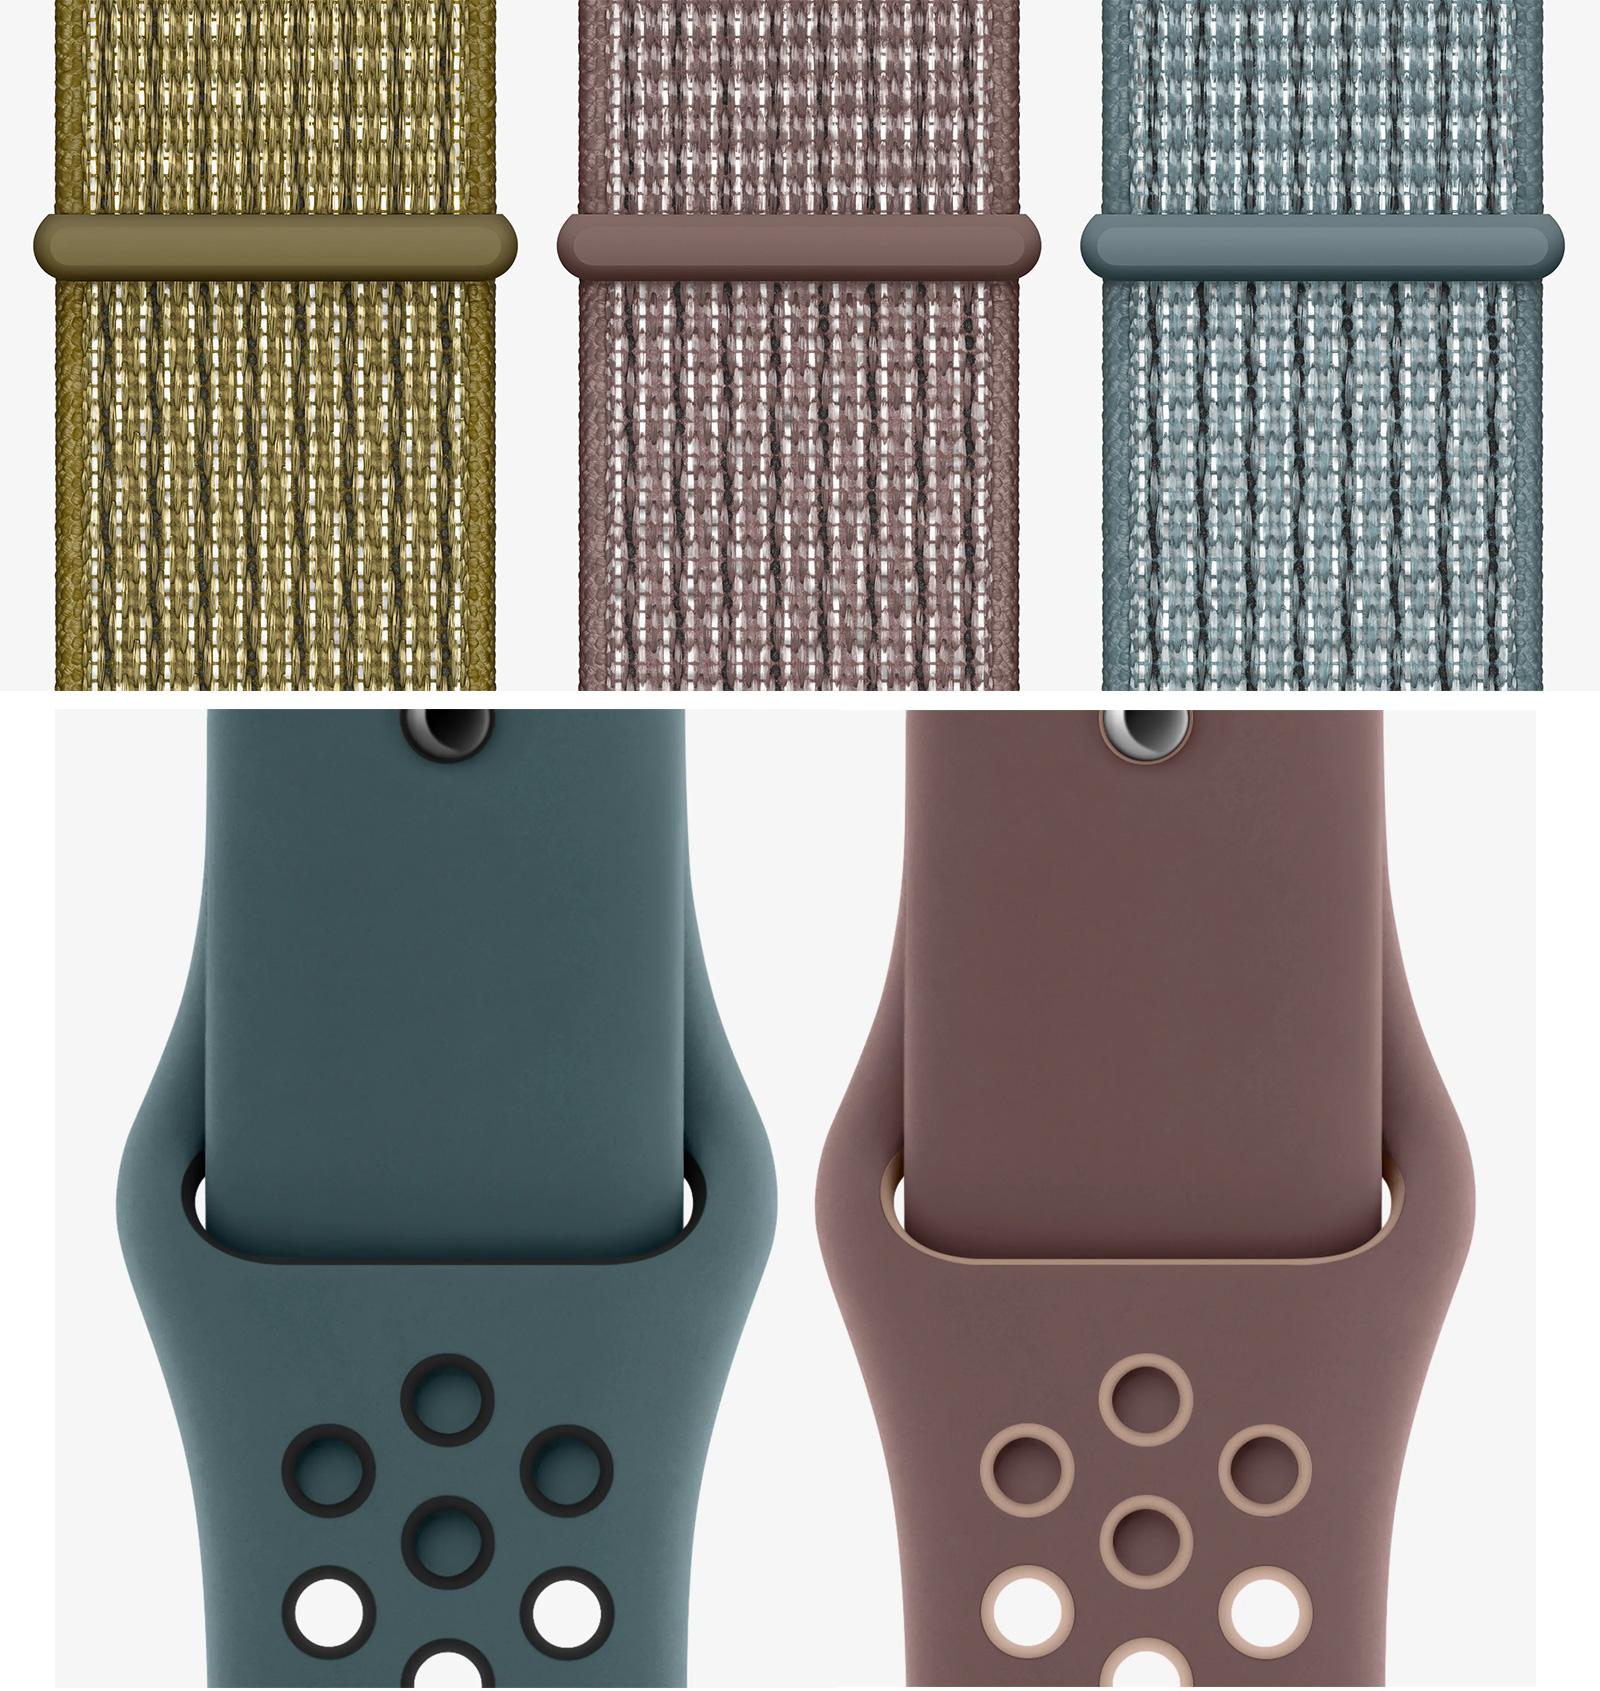 raspador Telemacos Vacante  Nike pone a la venta tres nuevas correas para el Apple Watch en iPhoneros